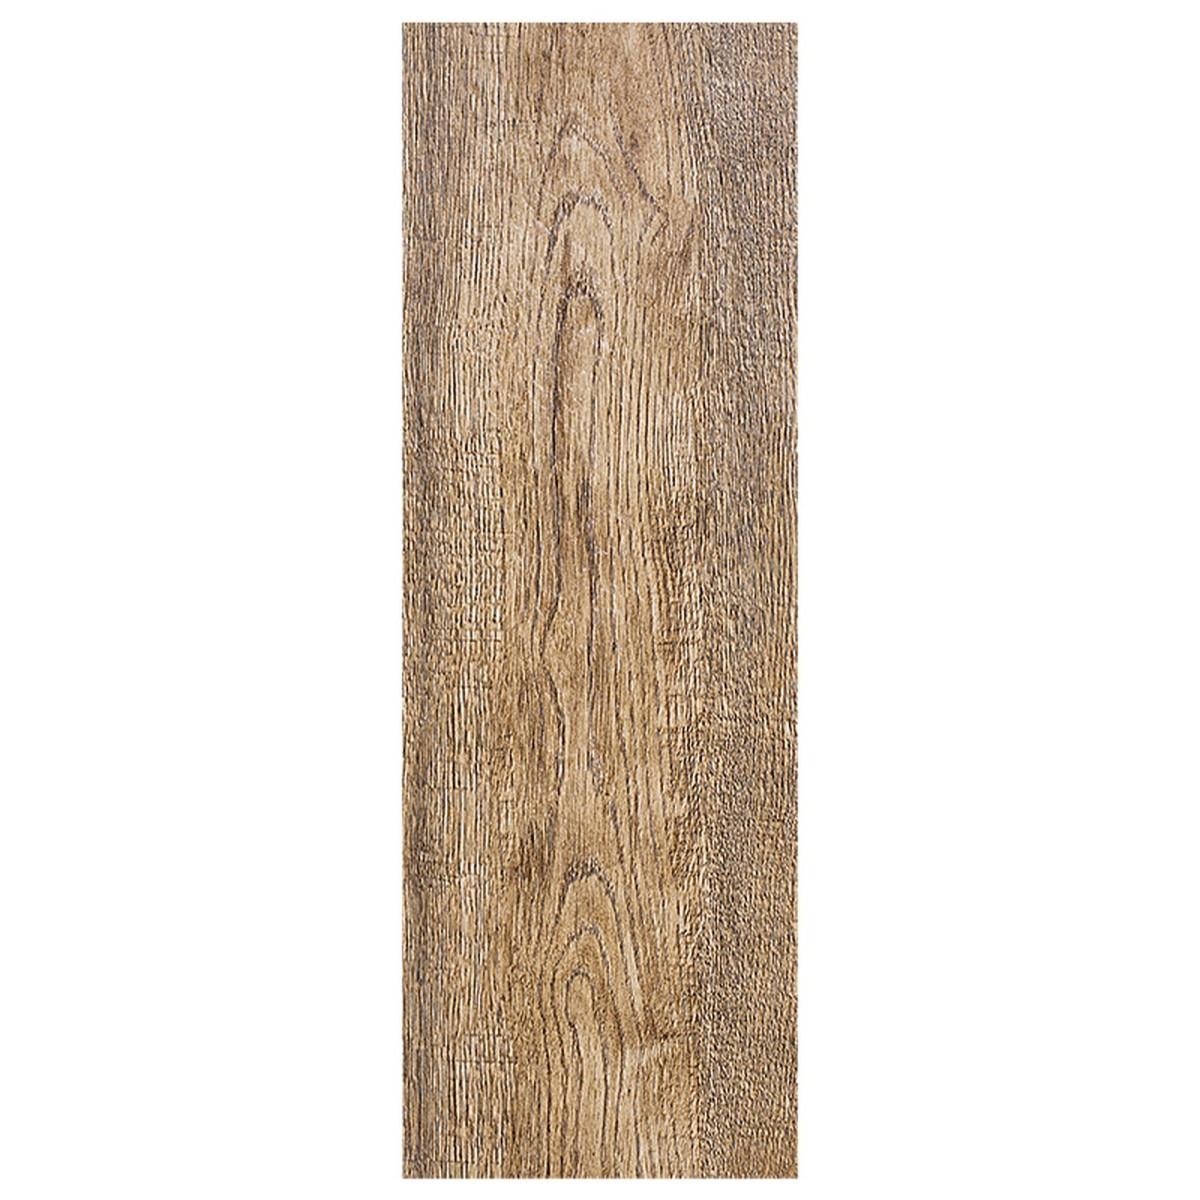 Керамогранит Artens «Forest» 20х60 см 108 м2 цвет тёмно-коричневый